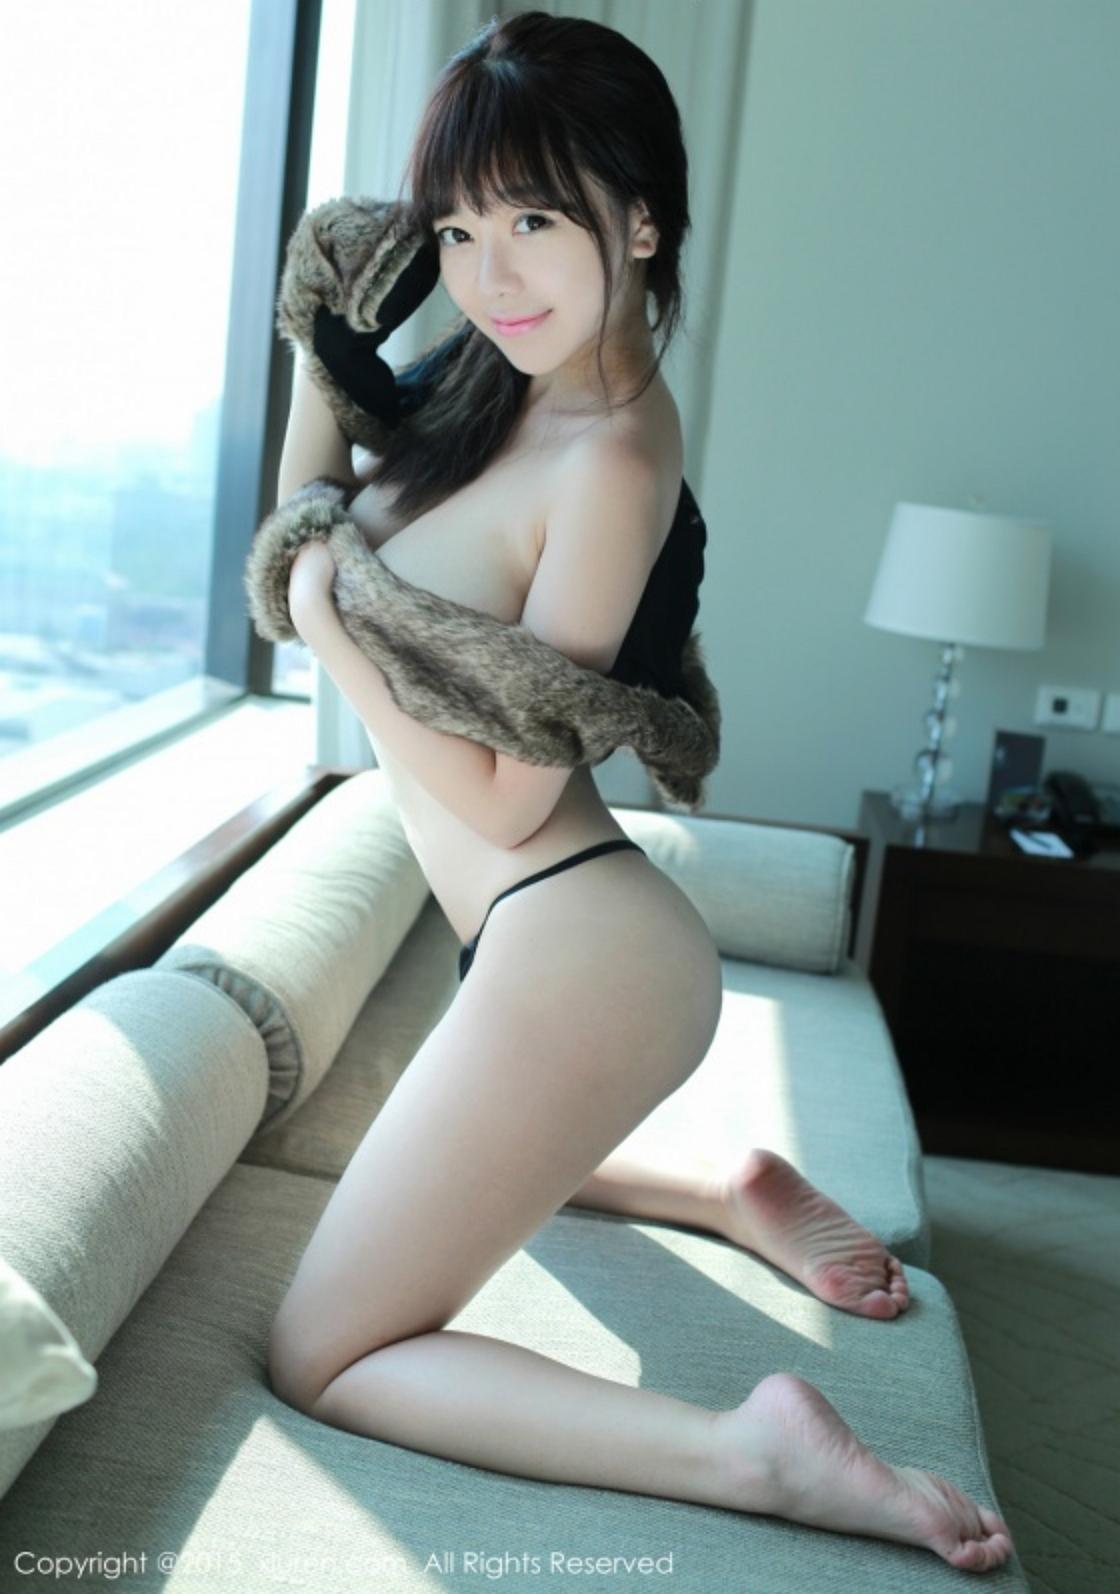 323%2B%252805%2529 - Beautiful Nude Girl XIUREN NO.323 FAYE